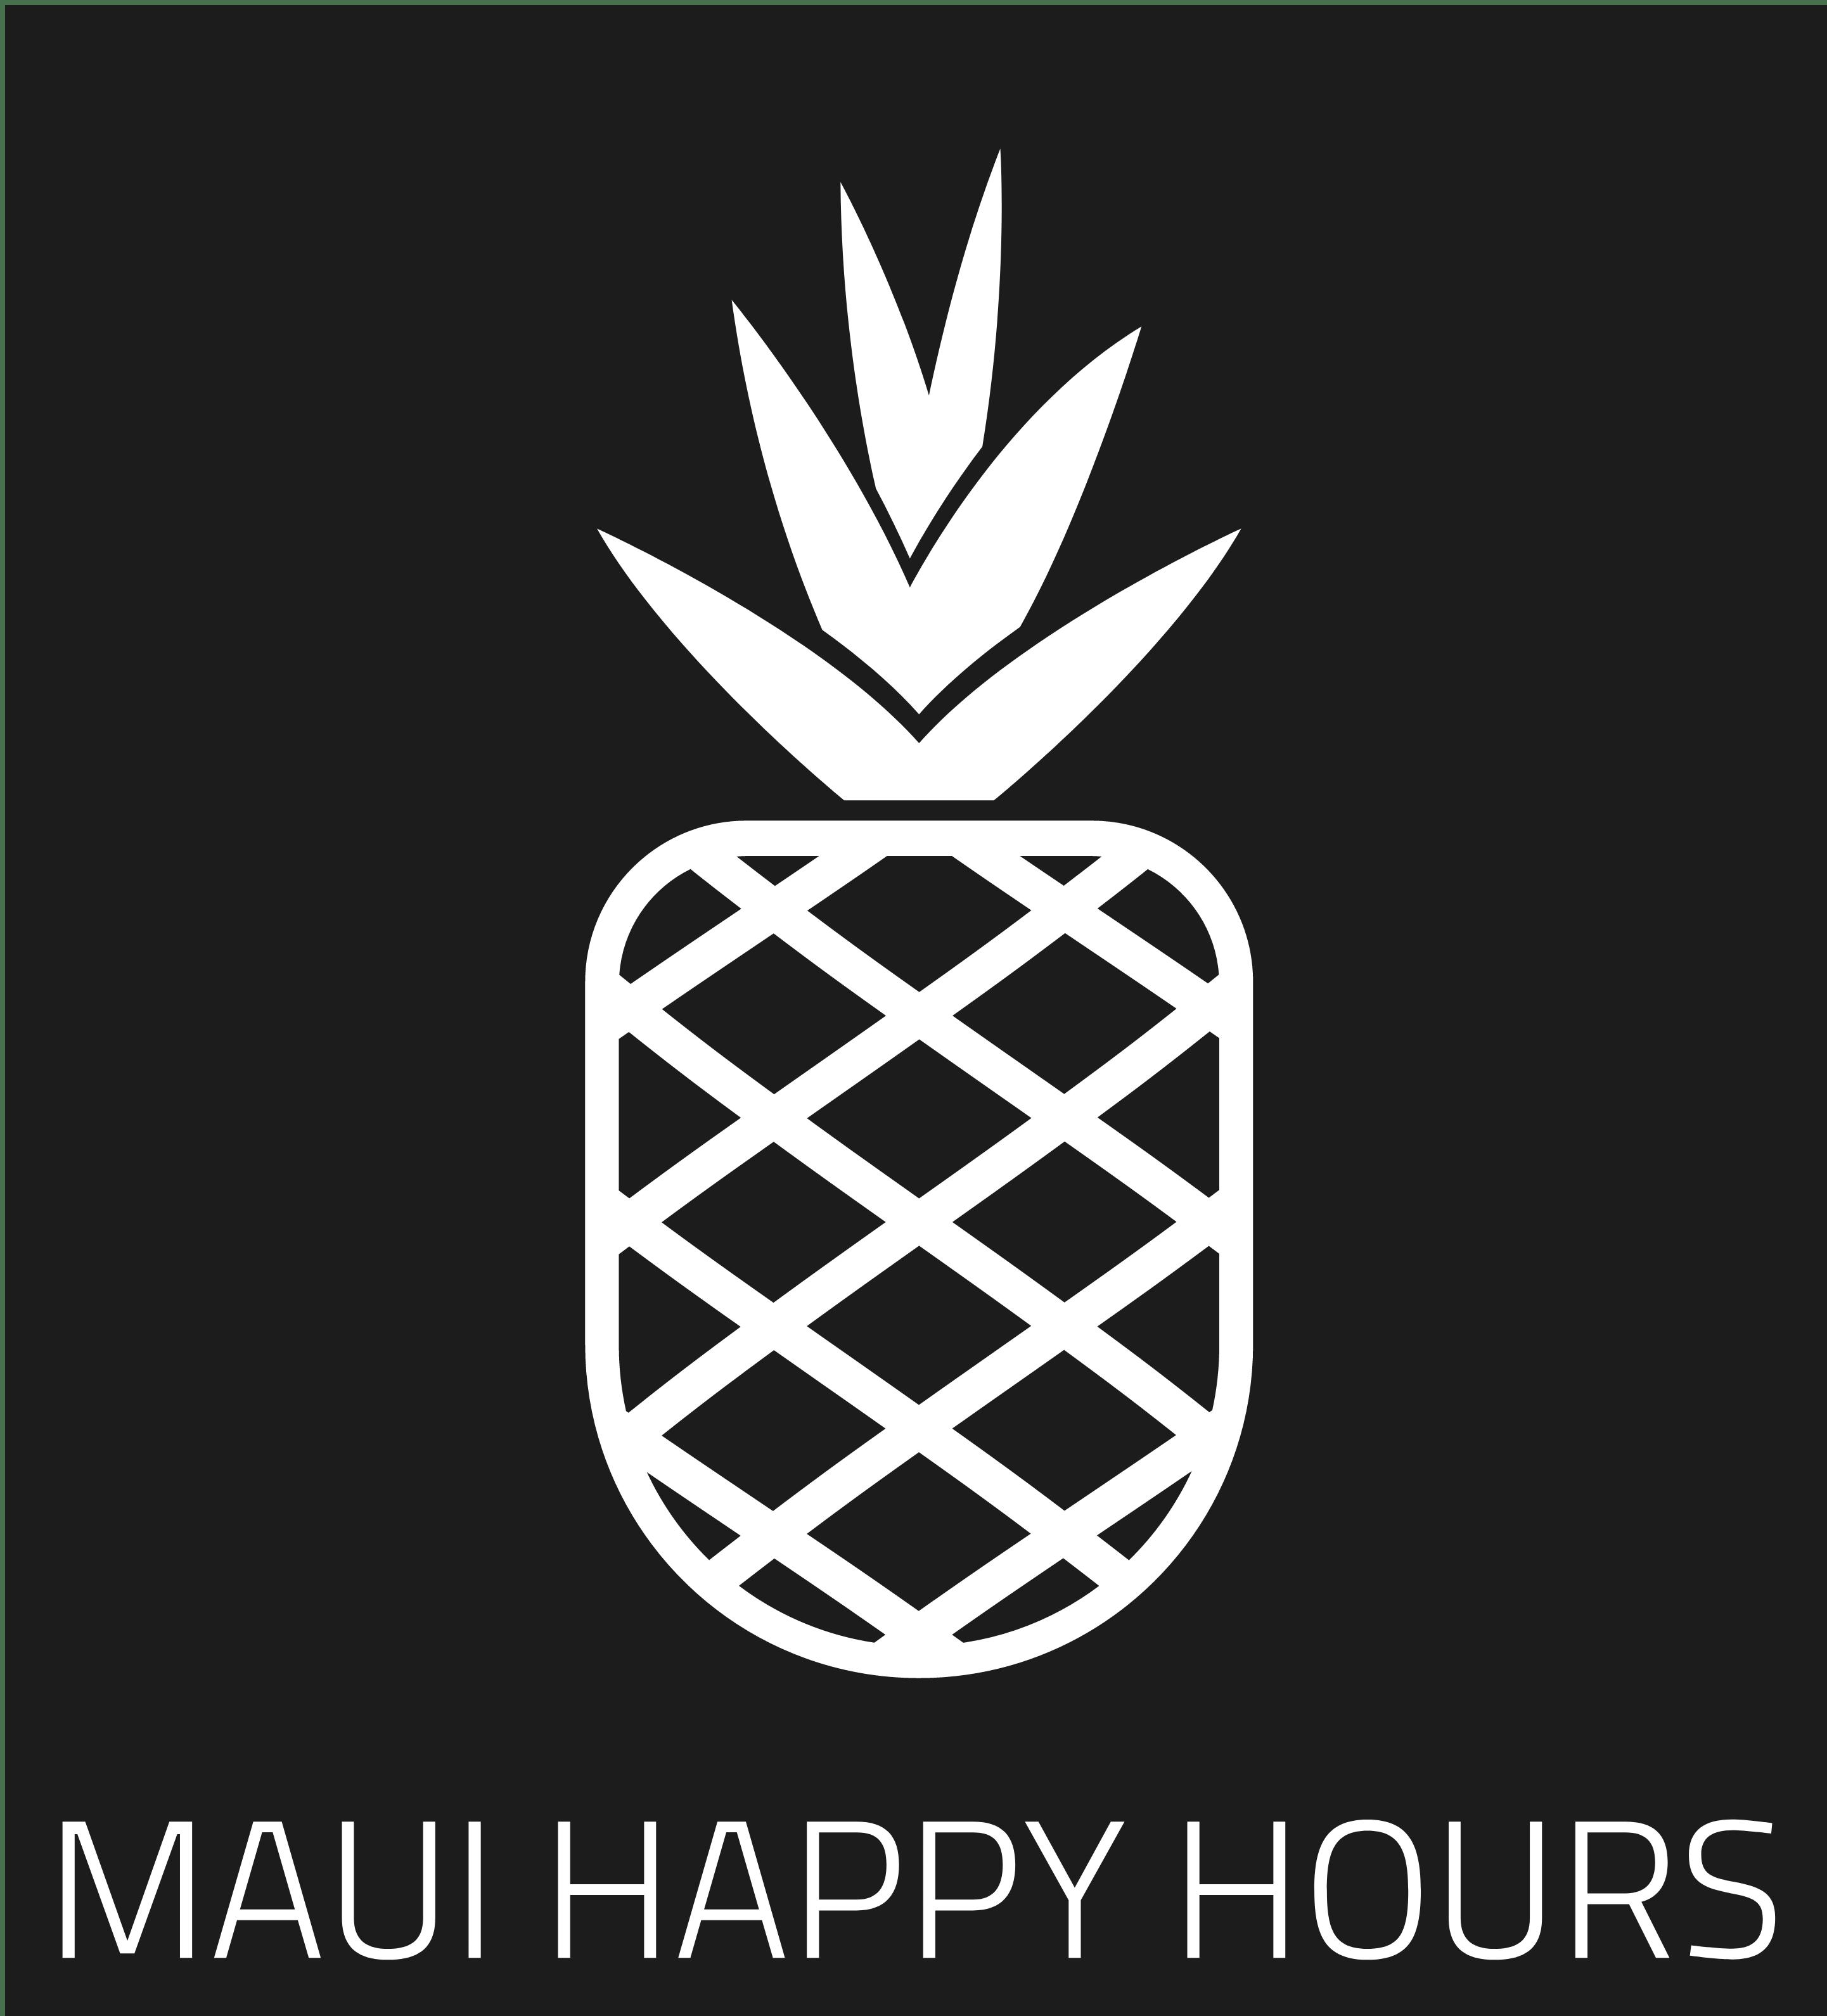 Maui Happy Hours App Passes 10,000 Downloads